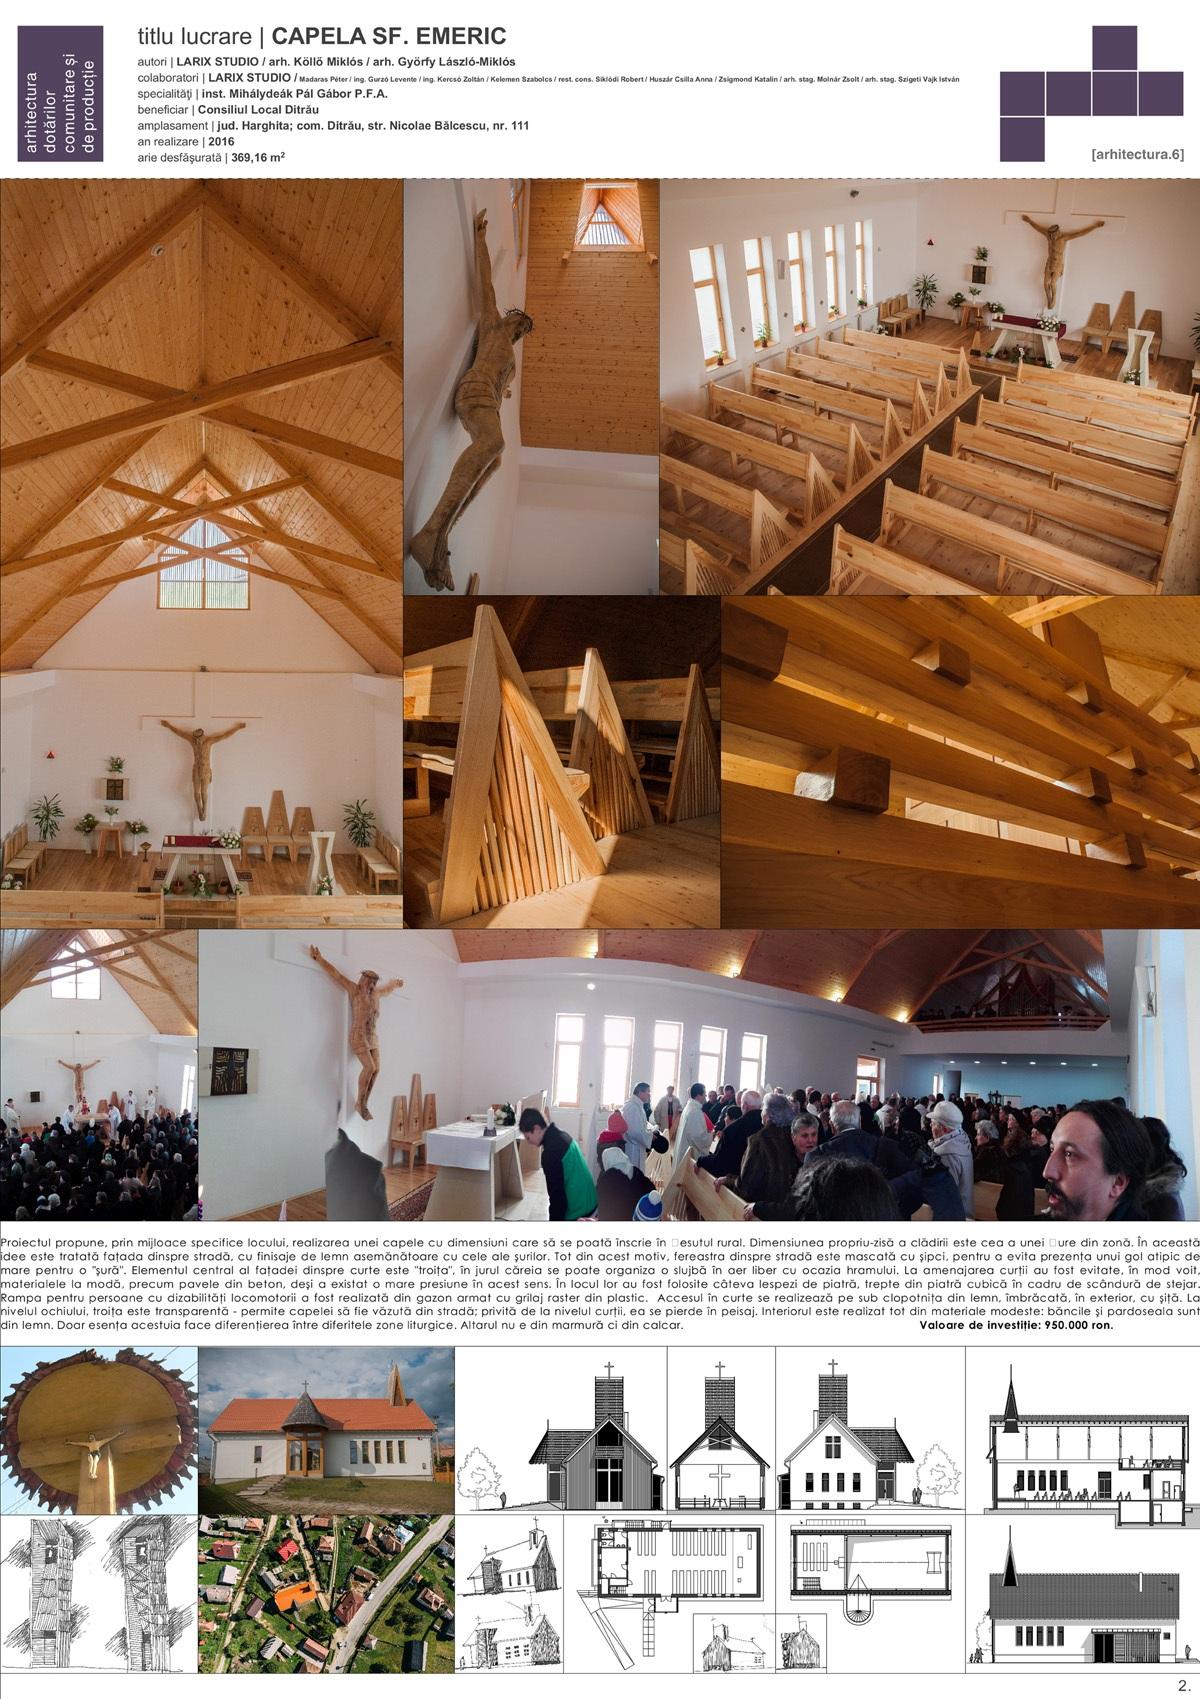 19_Capela Sf Emeric 2